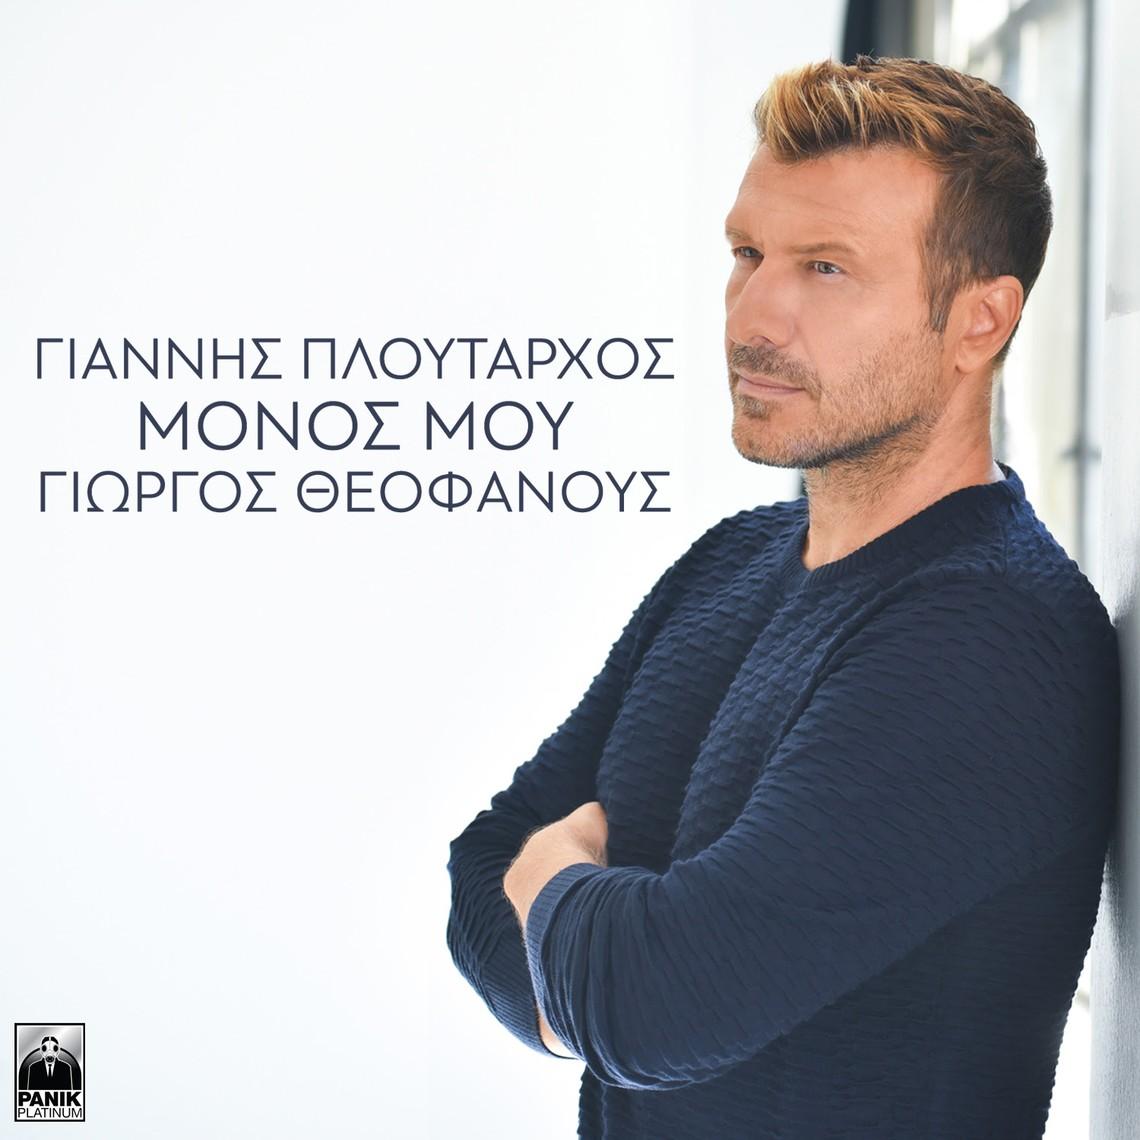 Γιάννης Πλούταρχος – Γιώργος Θεοφάνους: «Μόνος Μου»